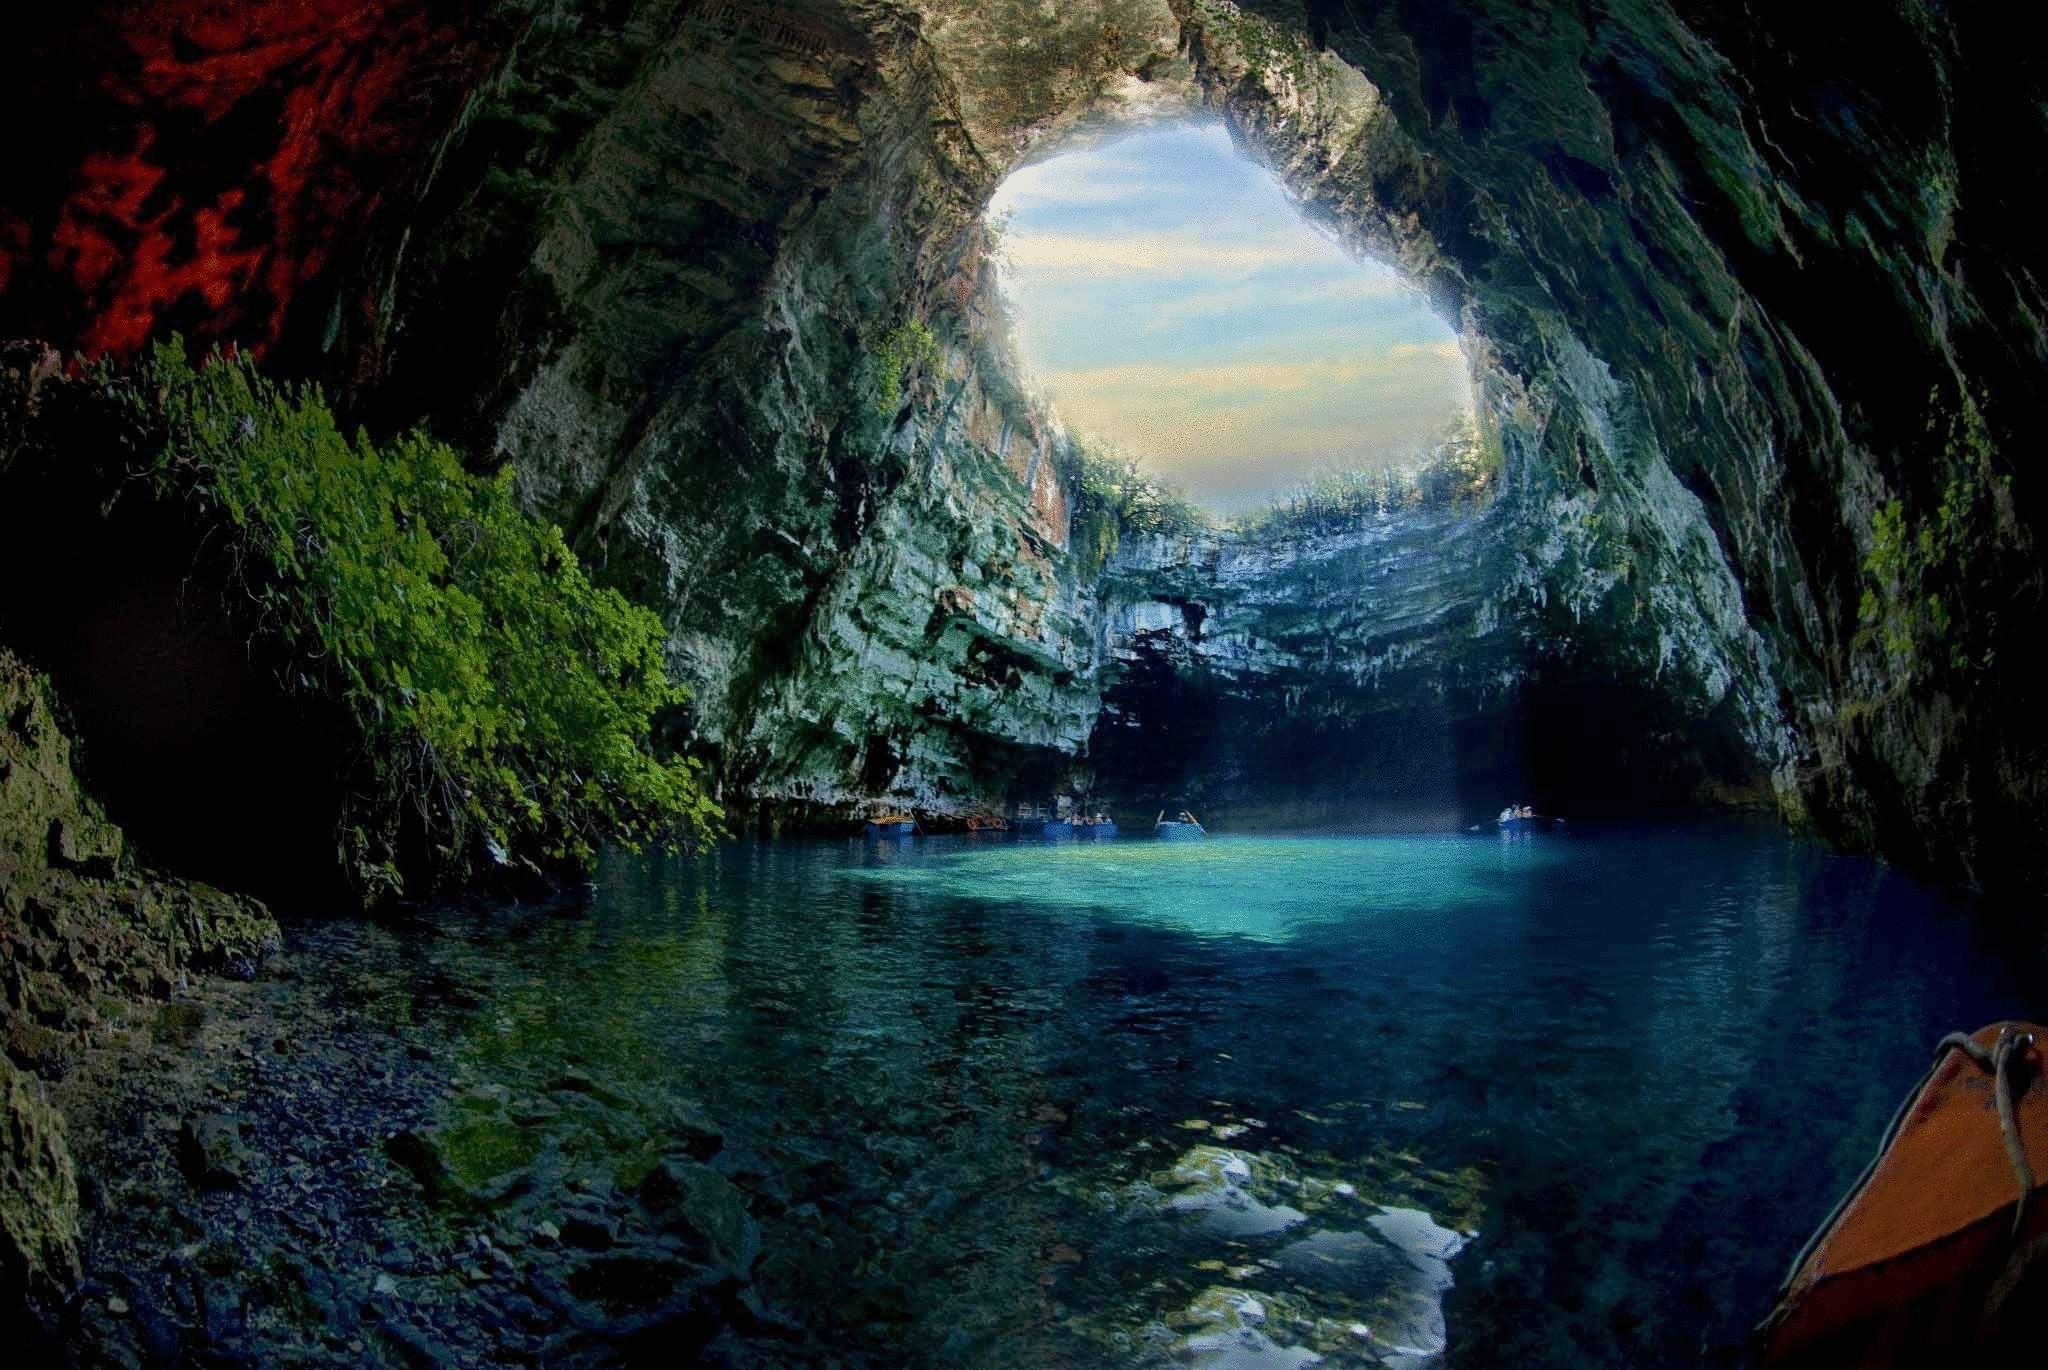 красивые природные места мира фото листья спатифиллума